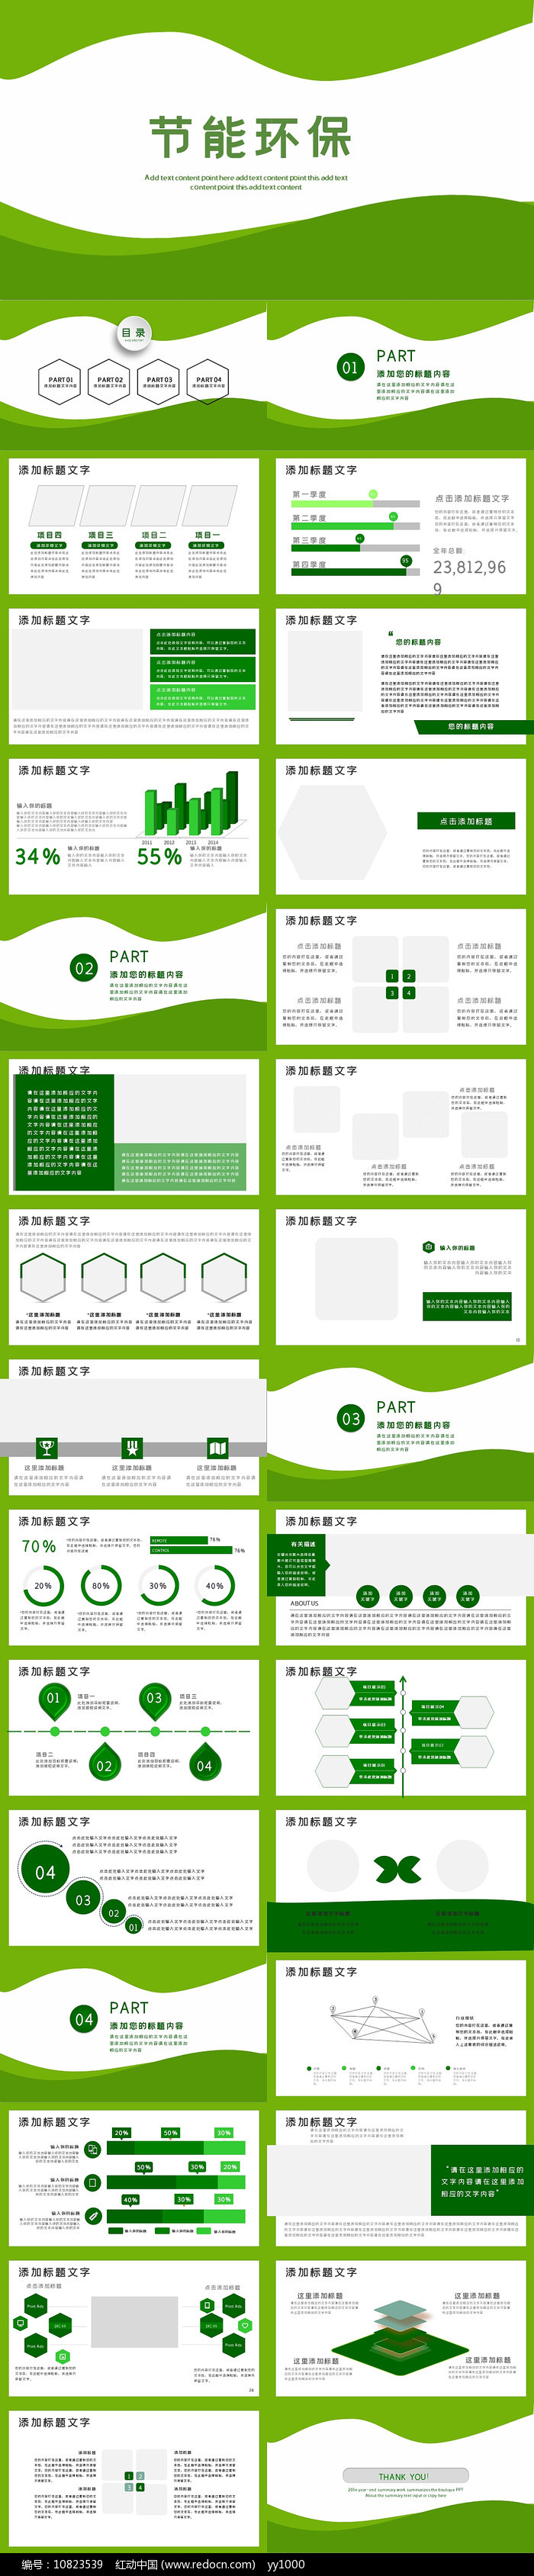 绿色清新节能环保PPT模板